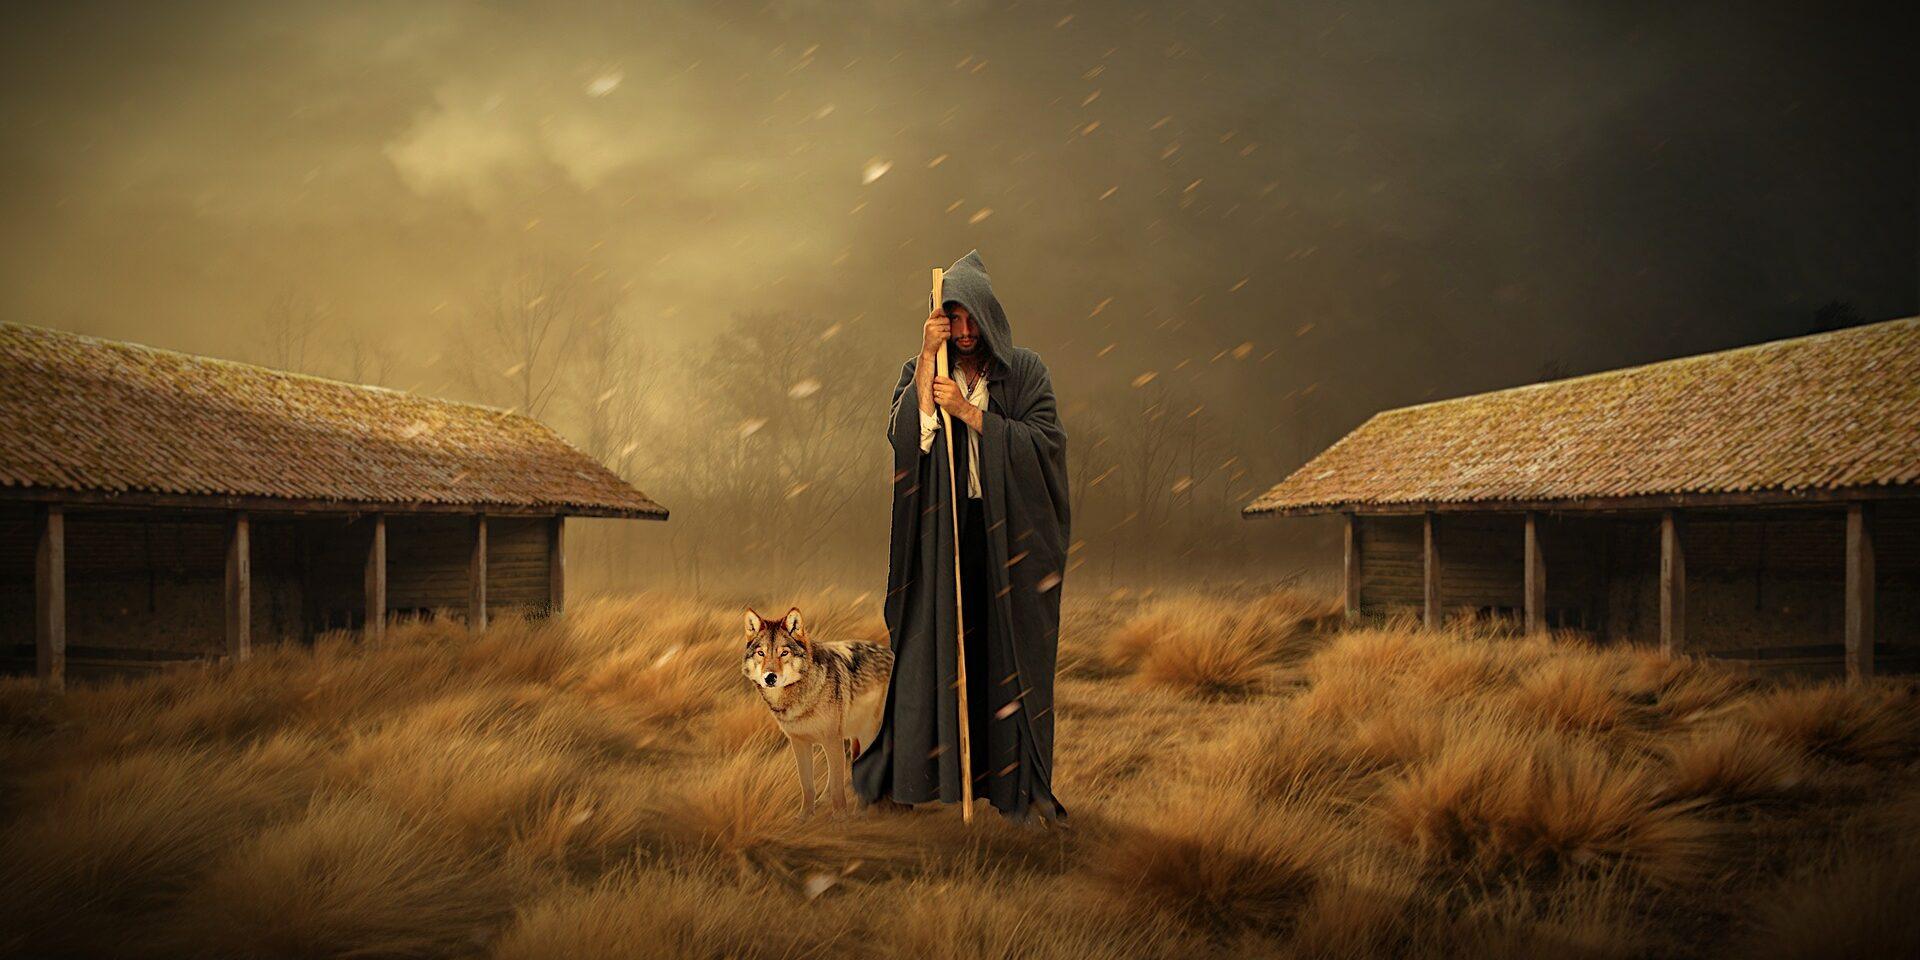 عادات وتقاليد لن تصدقها فى الزواج والموت